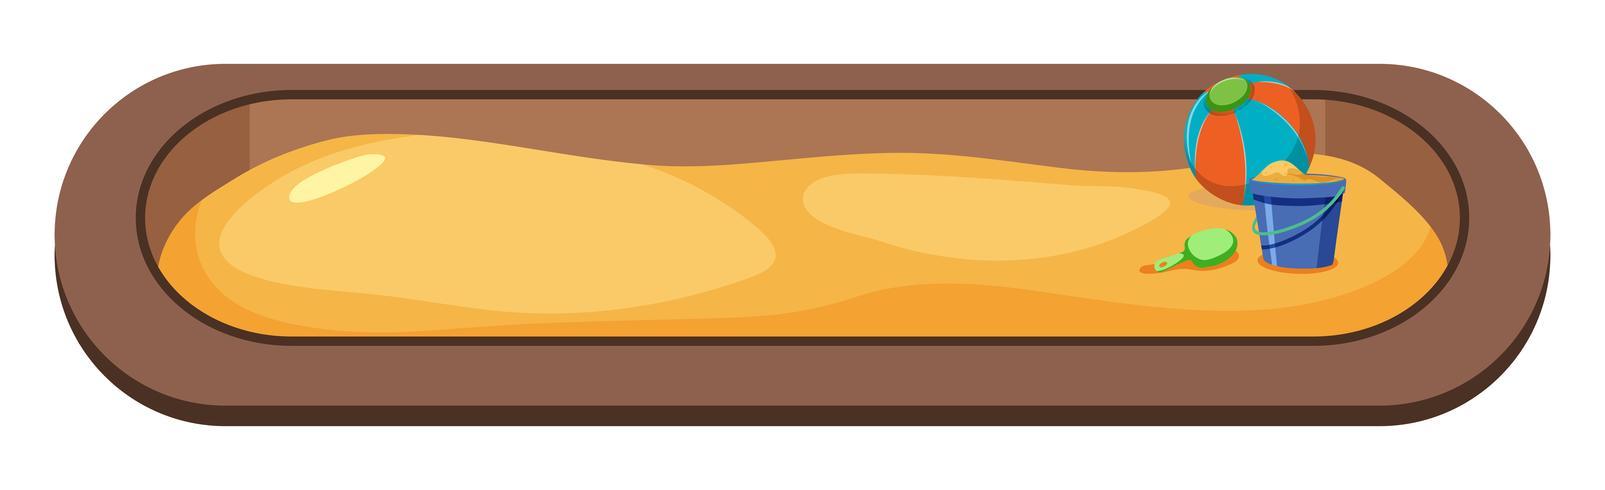 grande conceito de poço de areia